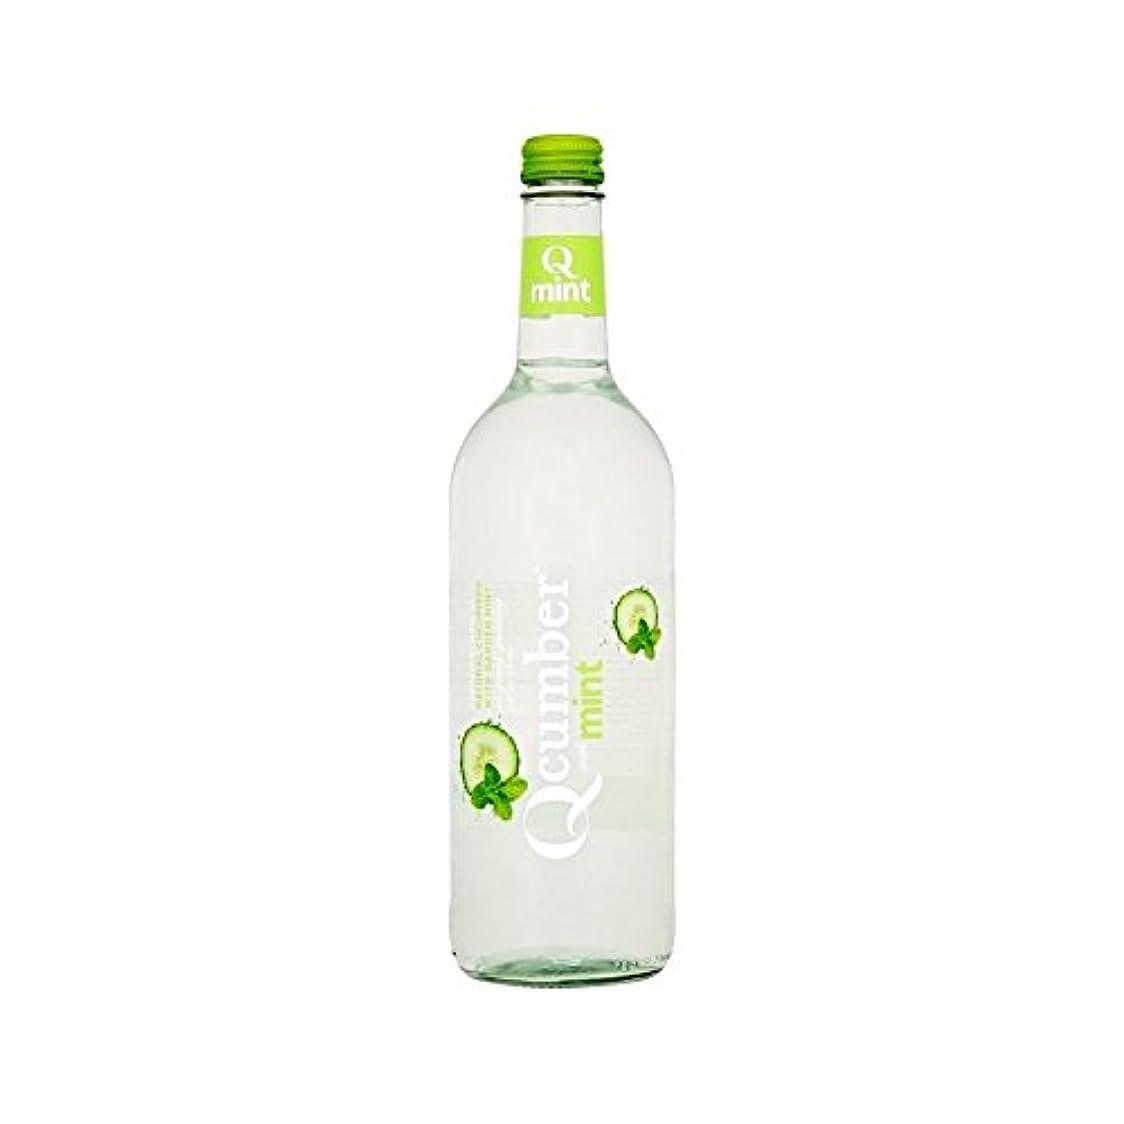 表現詳細な債権者ミントスパークリング水750ミリリットルで (Qcumber) (x 4) - Qcumber with Mint Sparkling Water 750ml (Pack of 4)